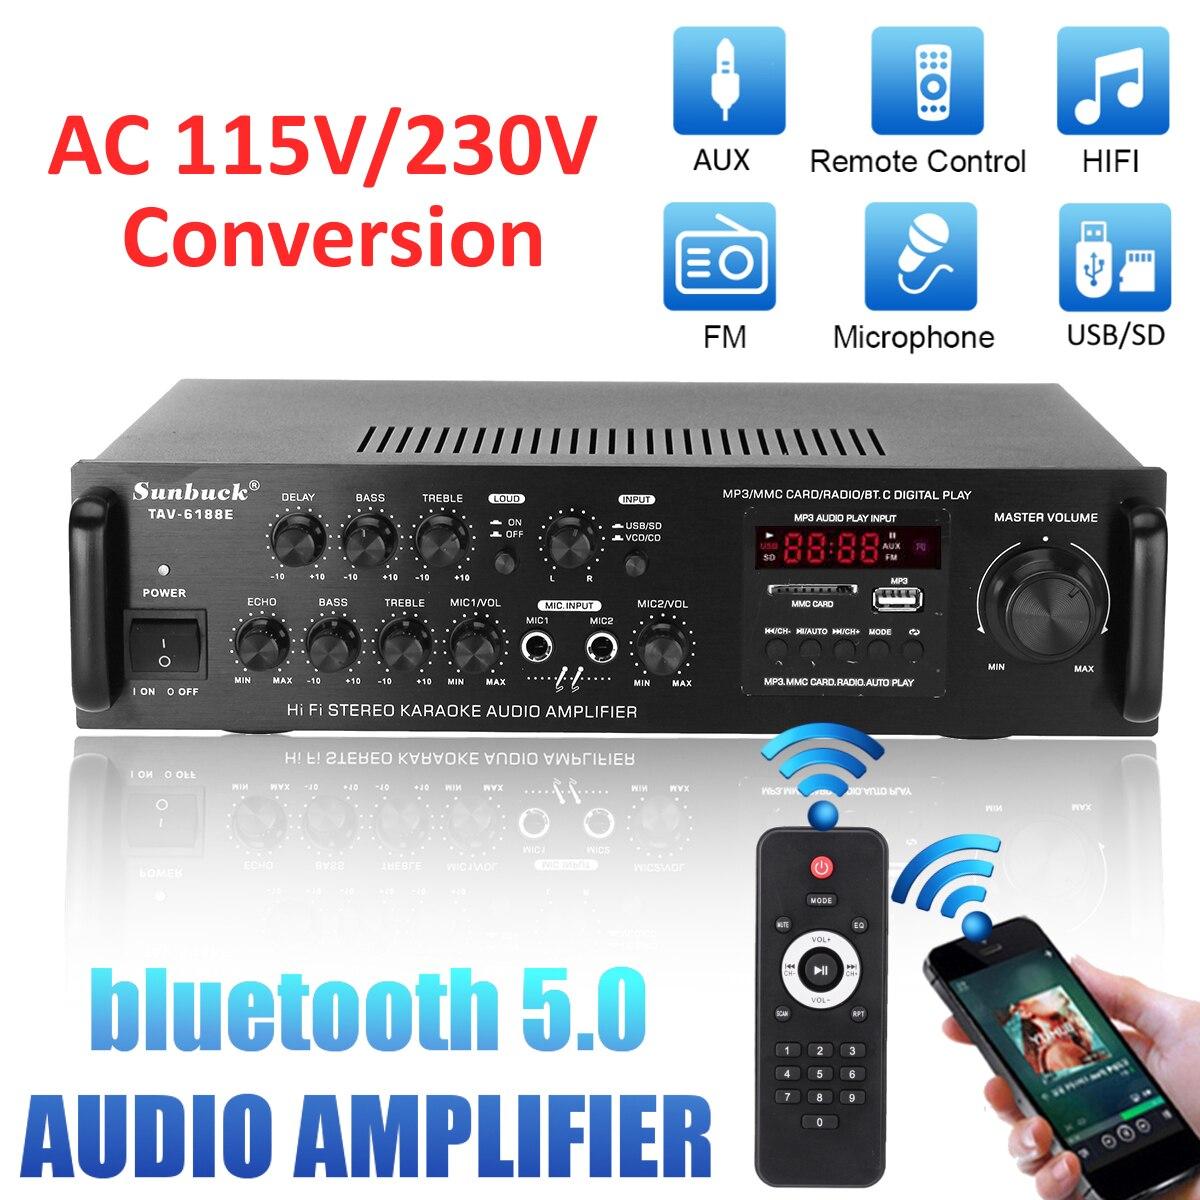 115-230 فولت 2000 واط اللاسلكية الرقمية الصوت EQ ستيريو أمبير سيارة المنزل 2CH AUX USB FM SD HiFi بلوتوث الصوت ستيريو مكبر كهربائي